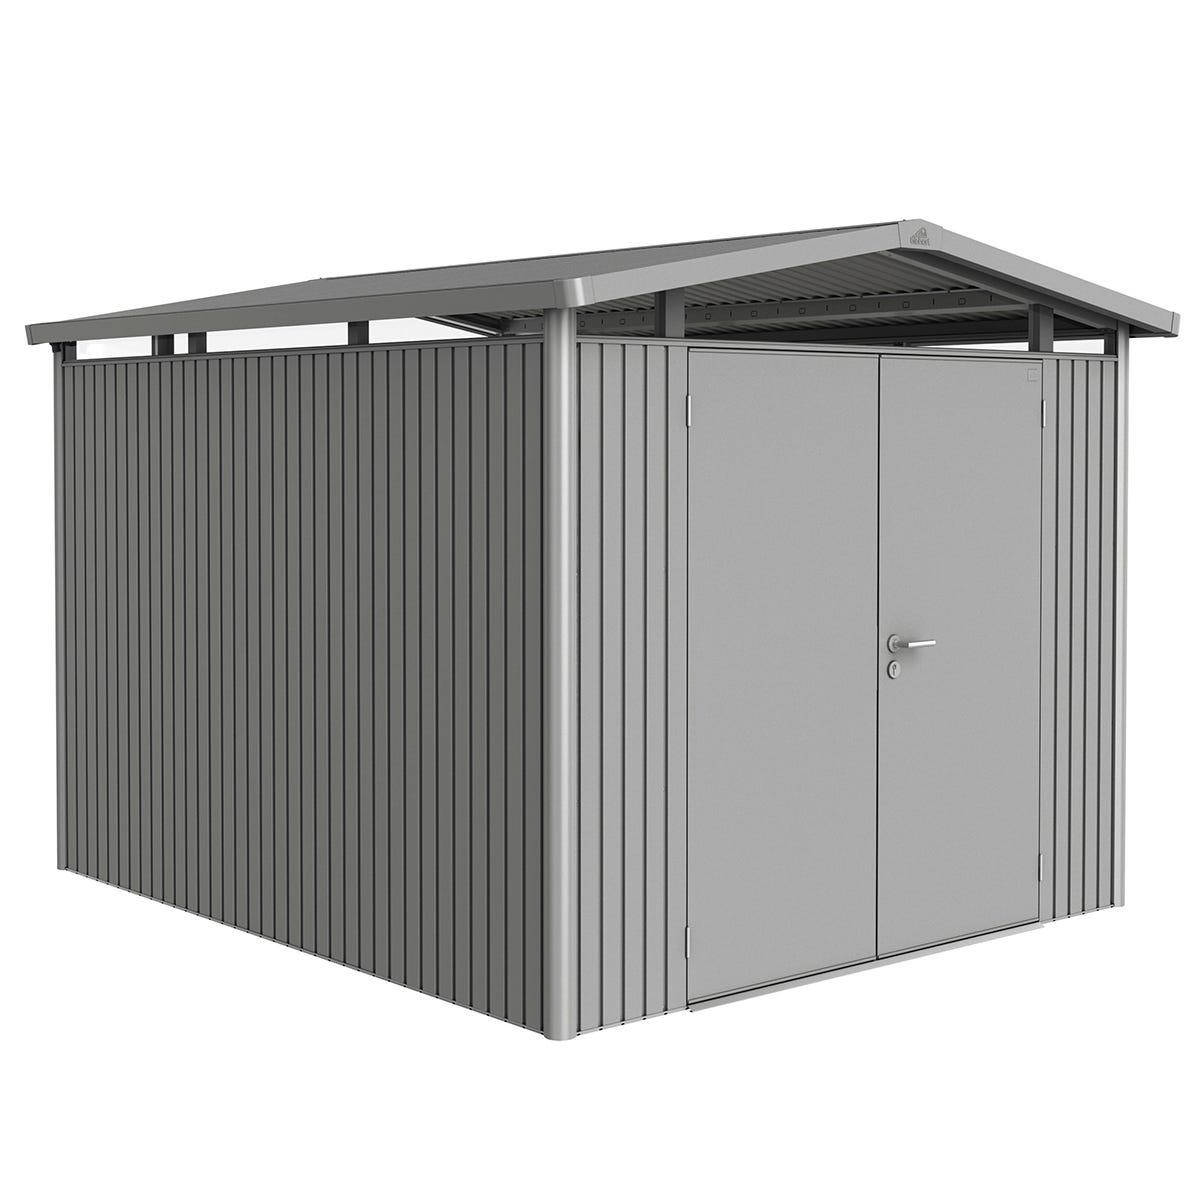 Biohort Panorama Metal Shed P5 Double Door 9' x 10' - Quartz Grey